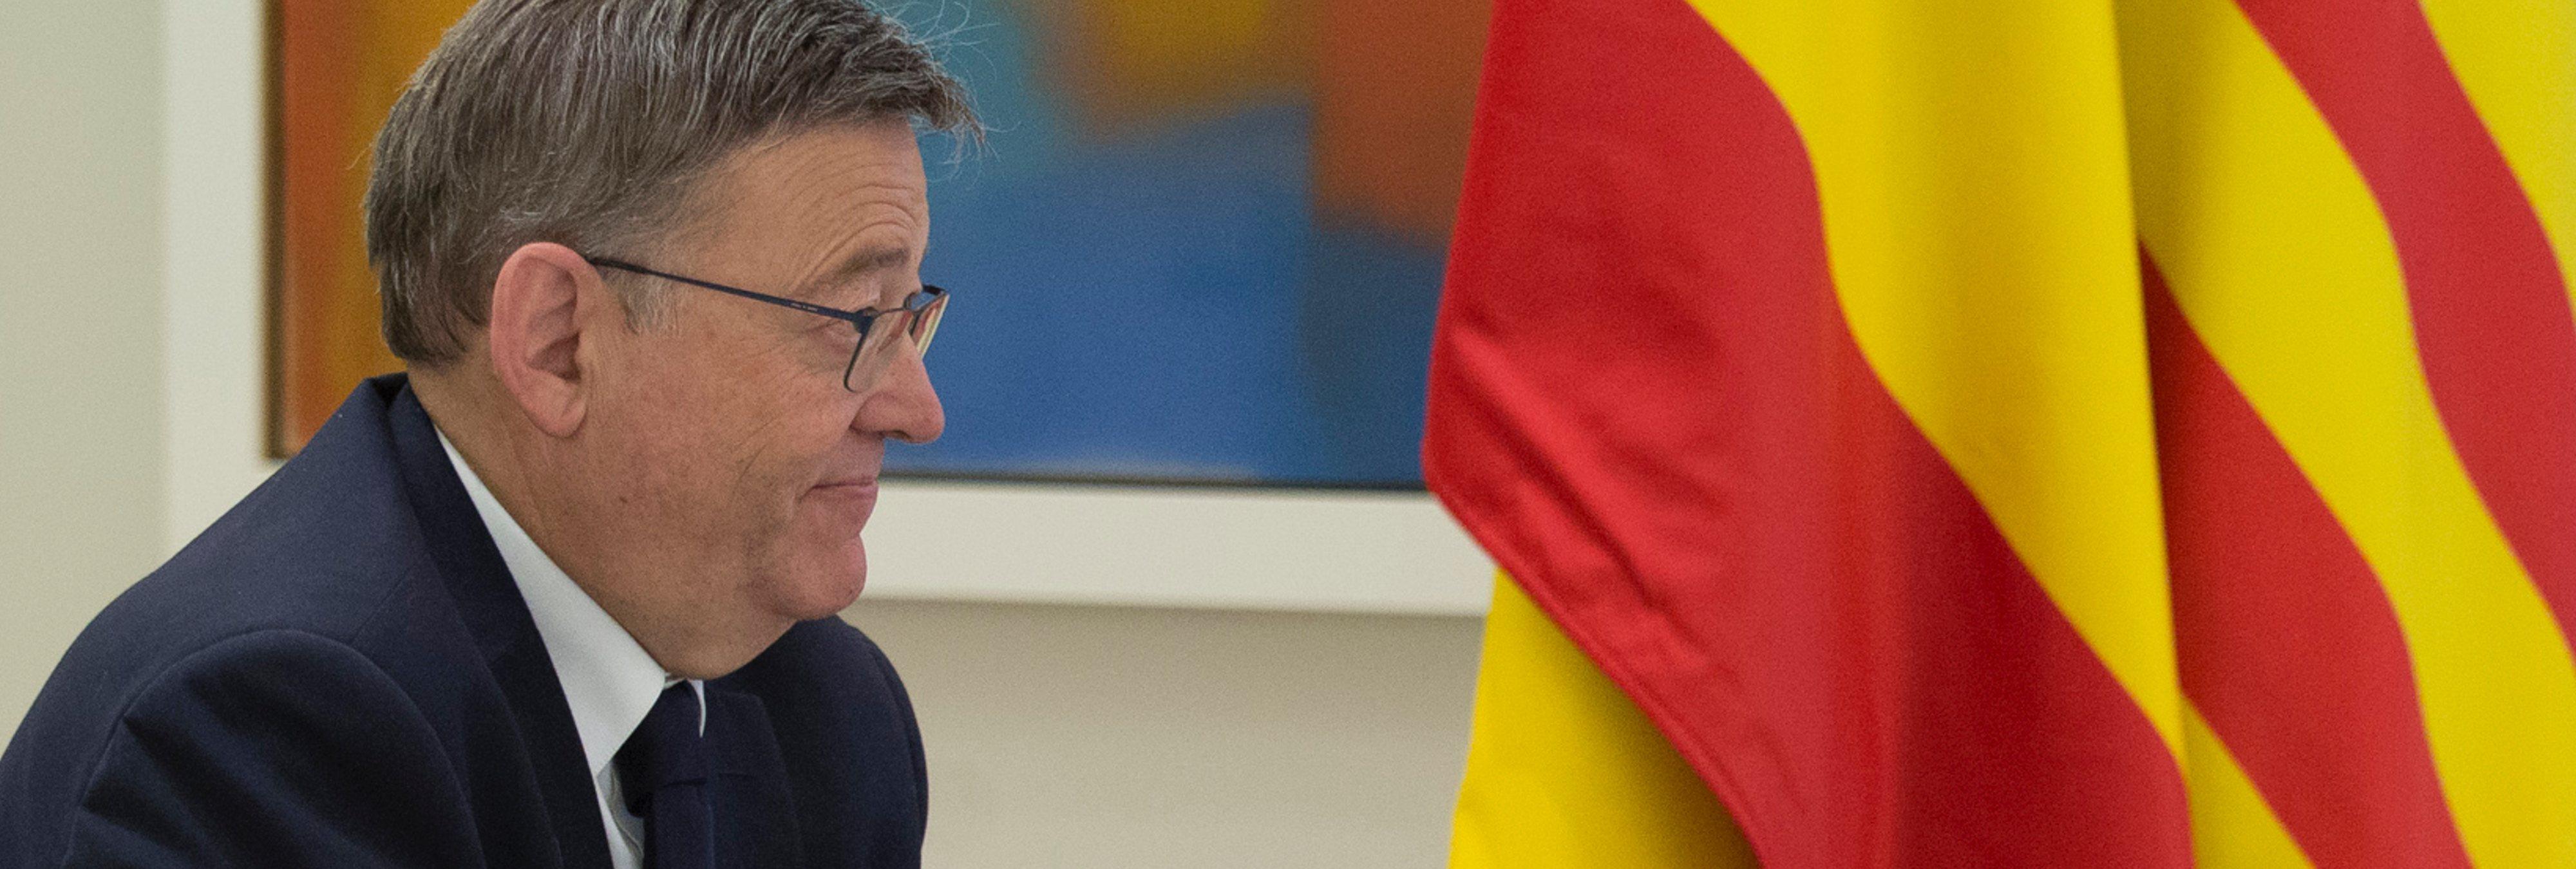 Ximo Puig adelanta las elecciones valencianas al 28 de abril